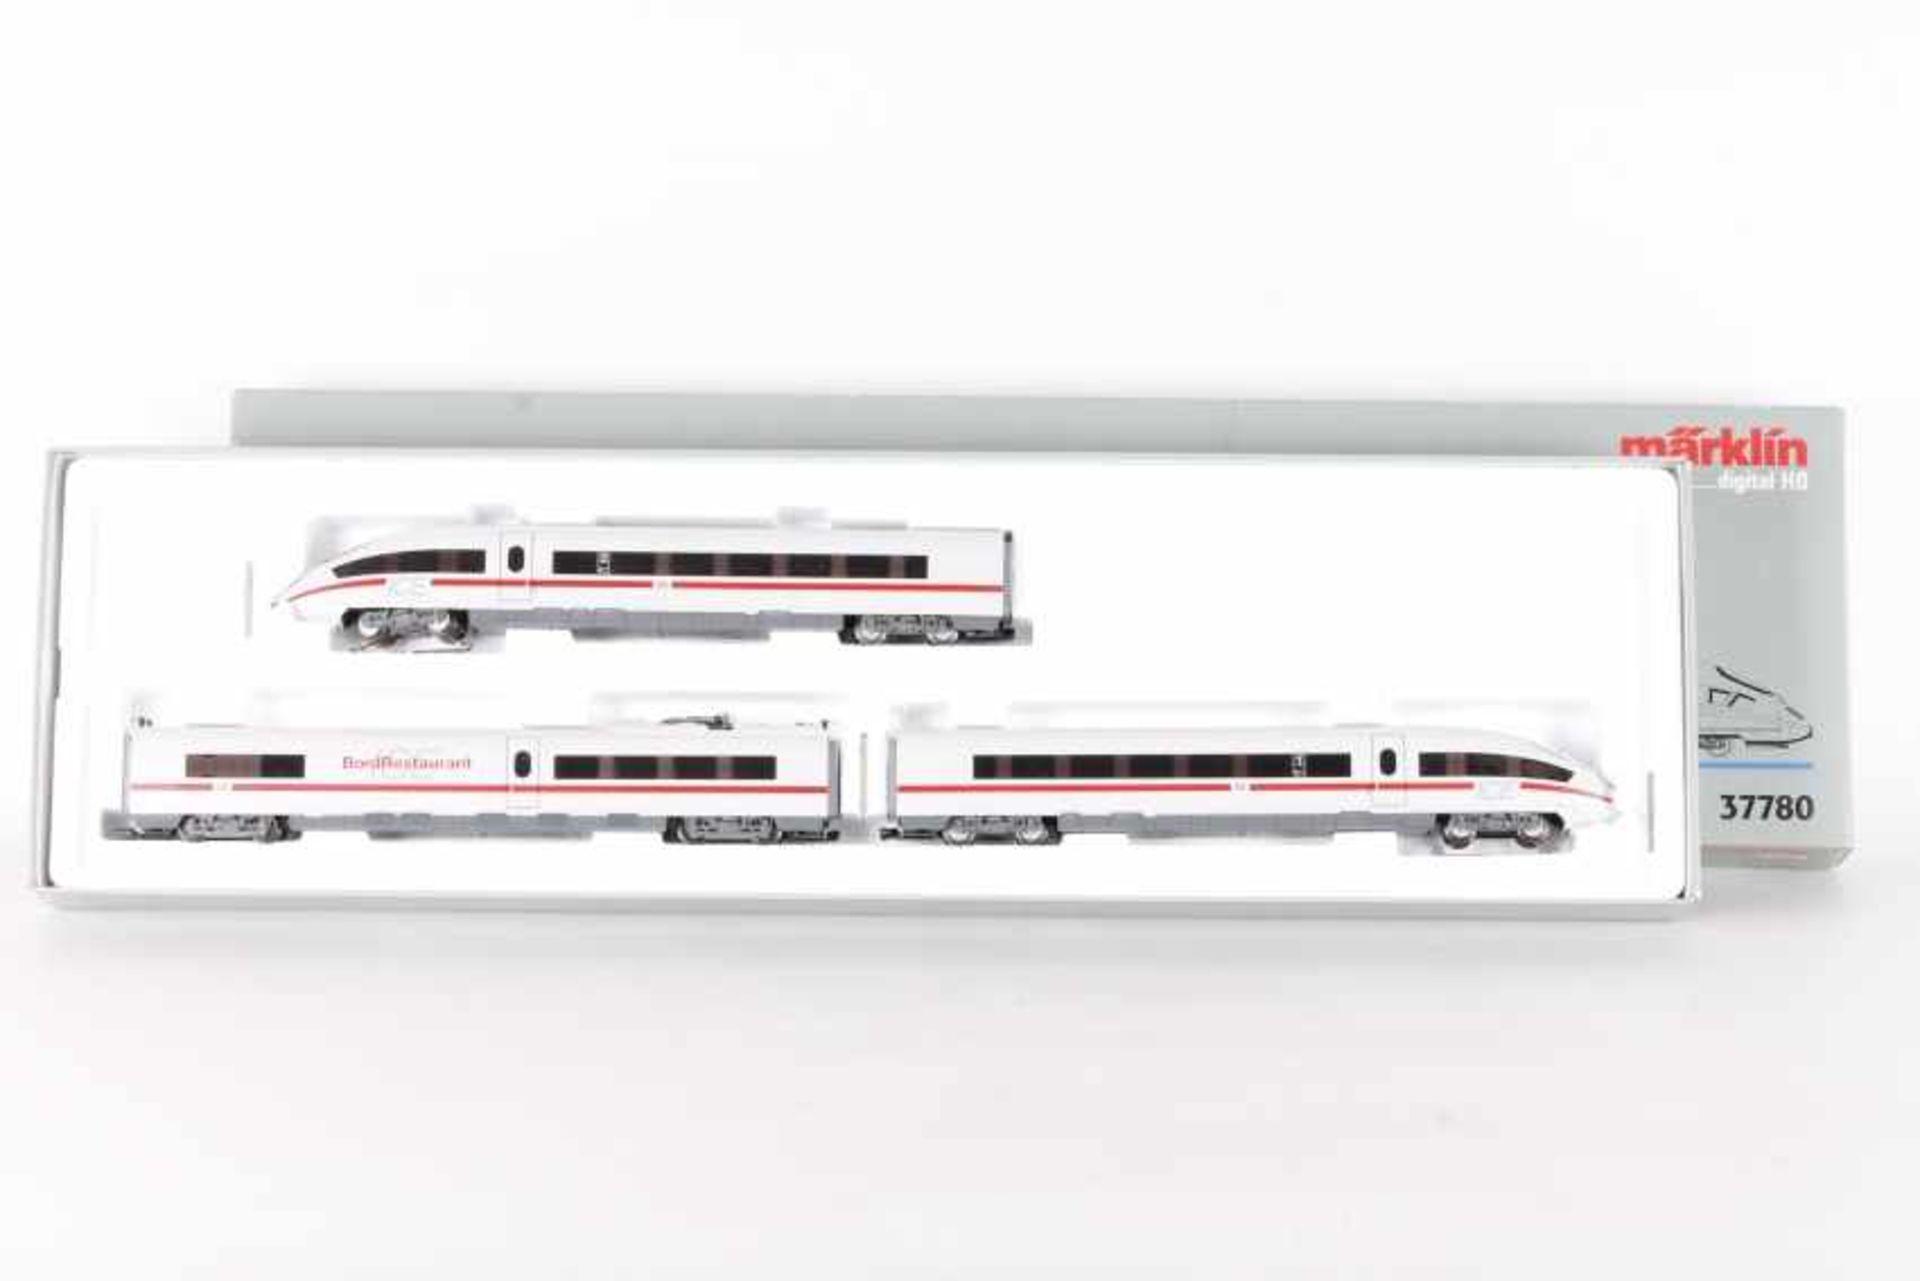 Märklin 37780, dreiteiliger Triebwagen-Zug ICE 3Märklin 37780, dreiteiliger Triebwagen-Zug ICE 3,